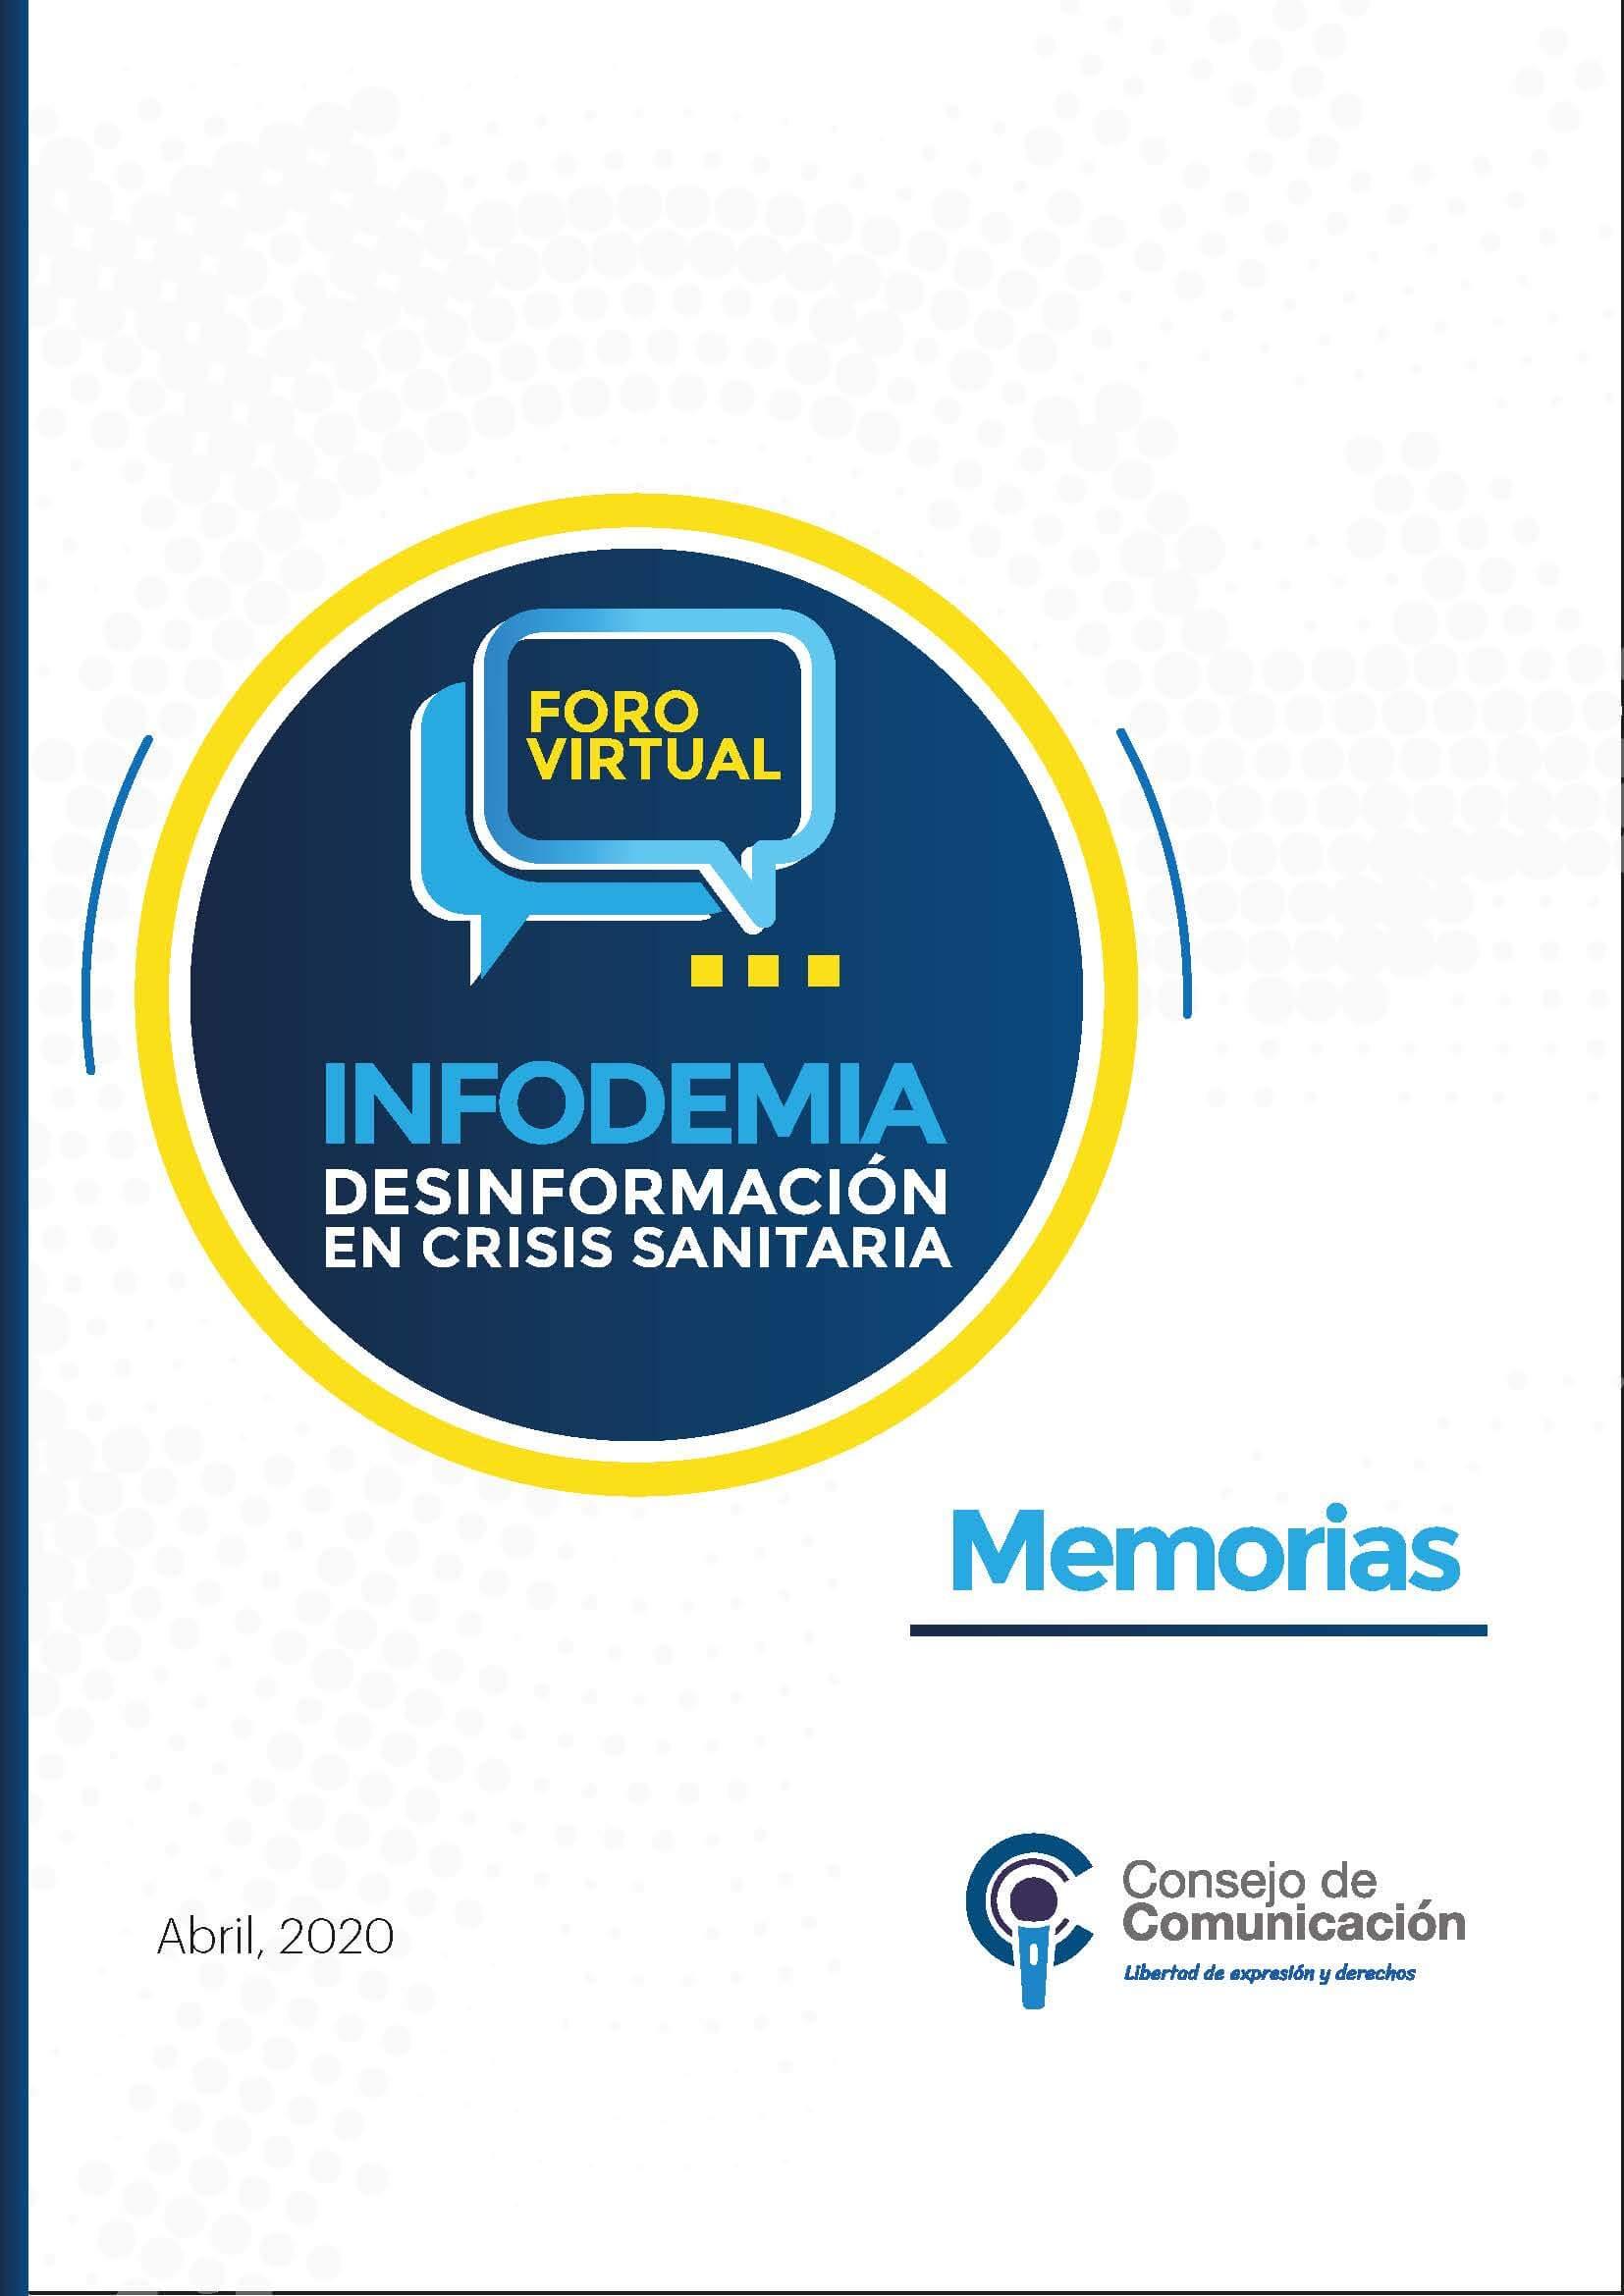 Foro virtual Infodemia desinformación en crisis sanitaria